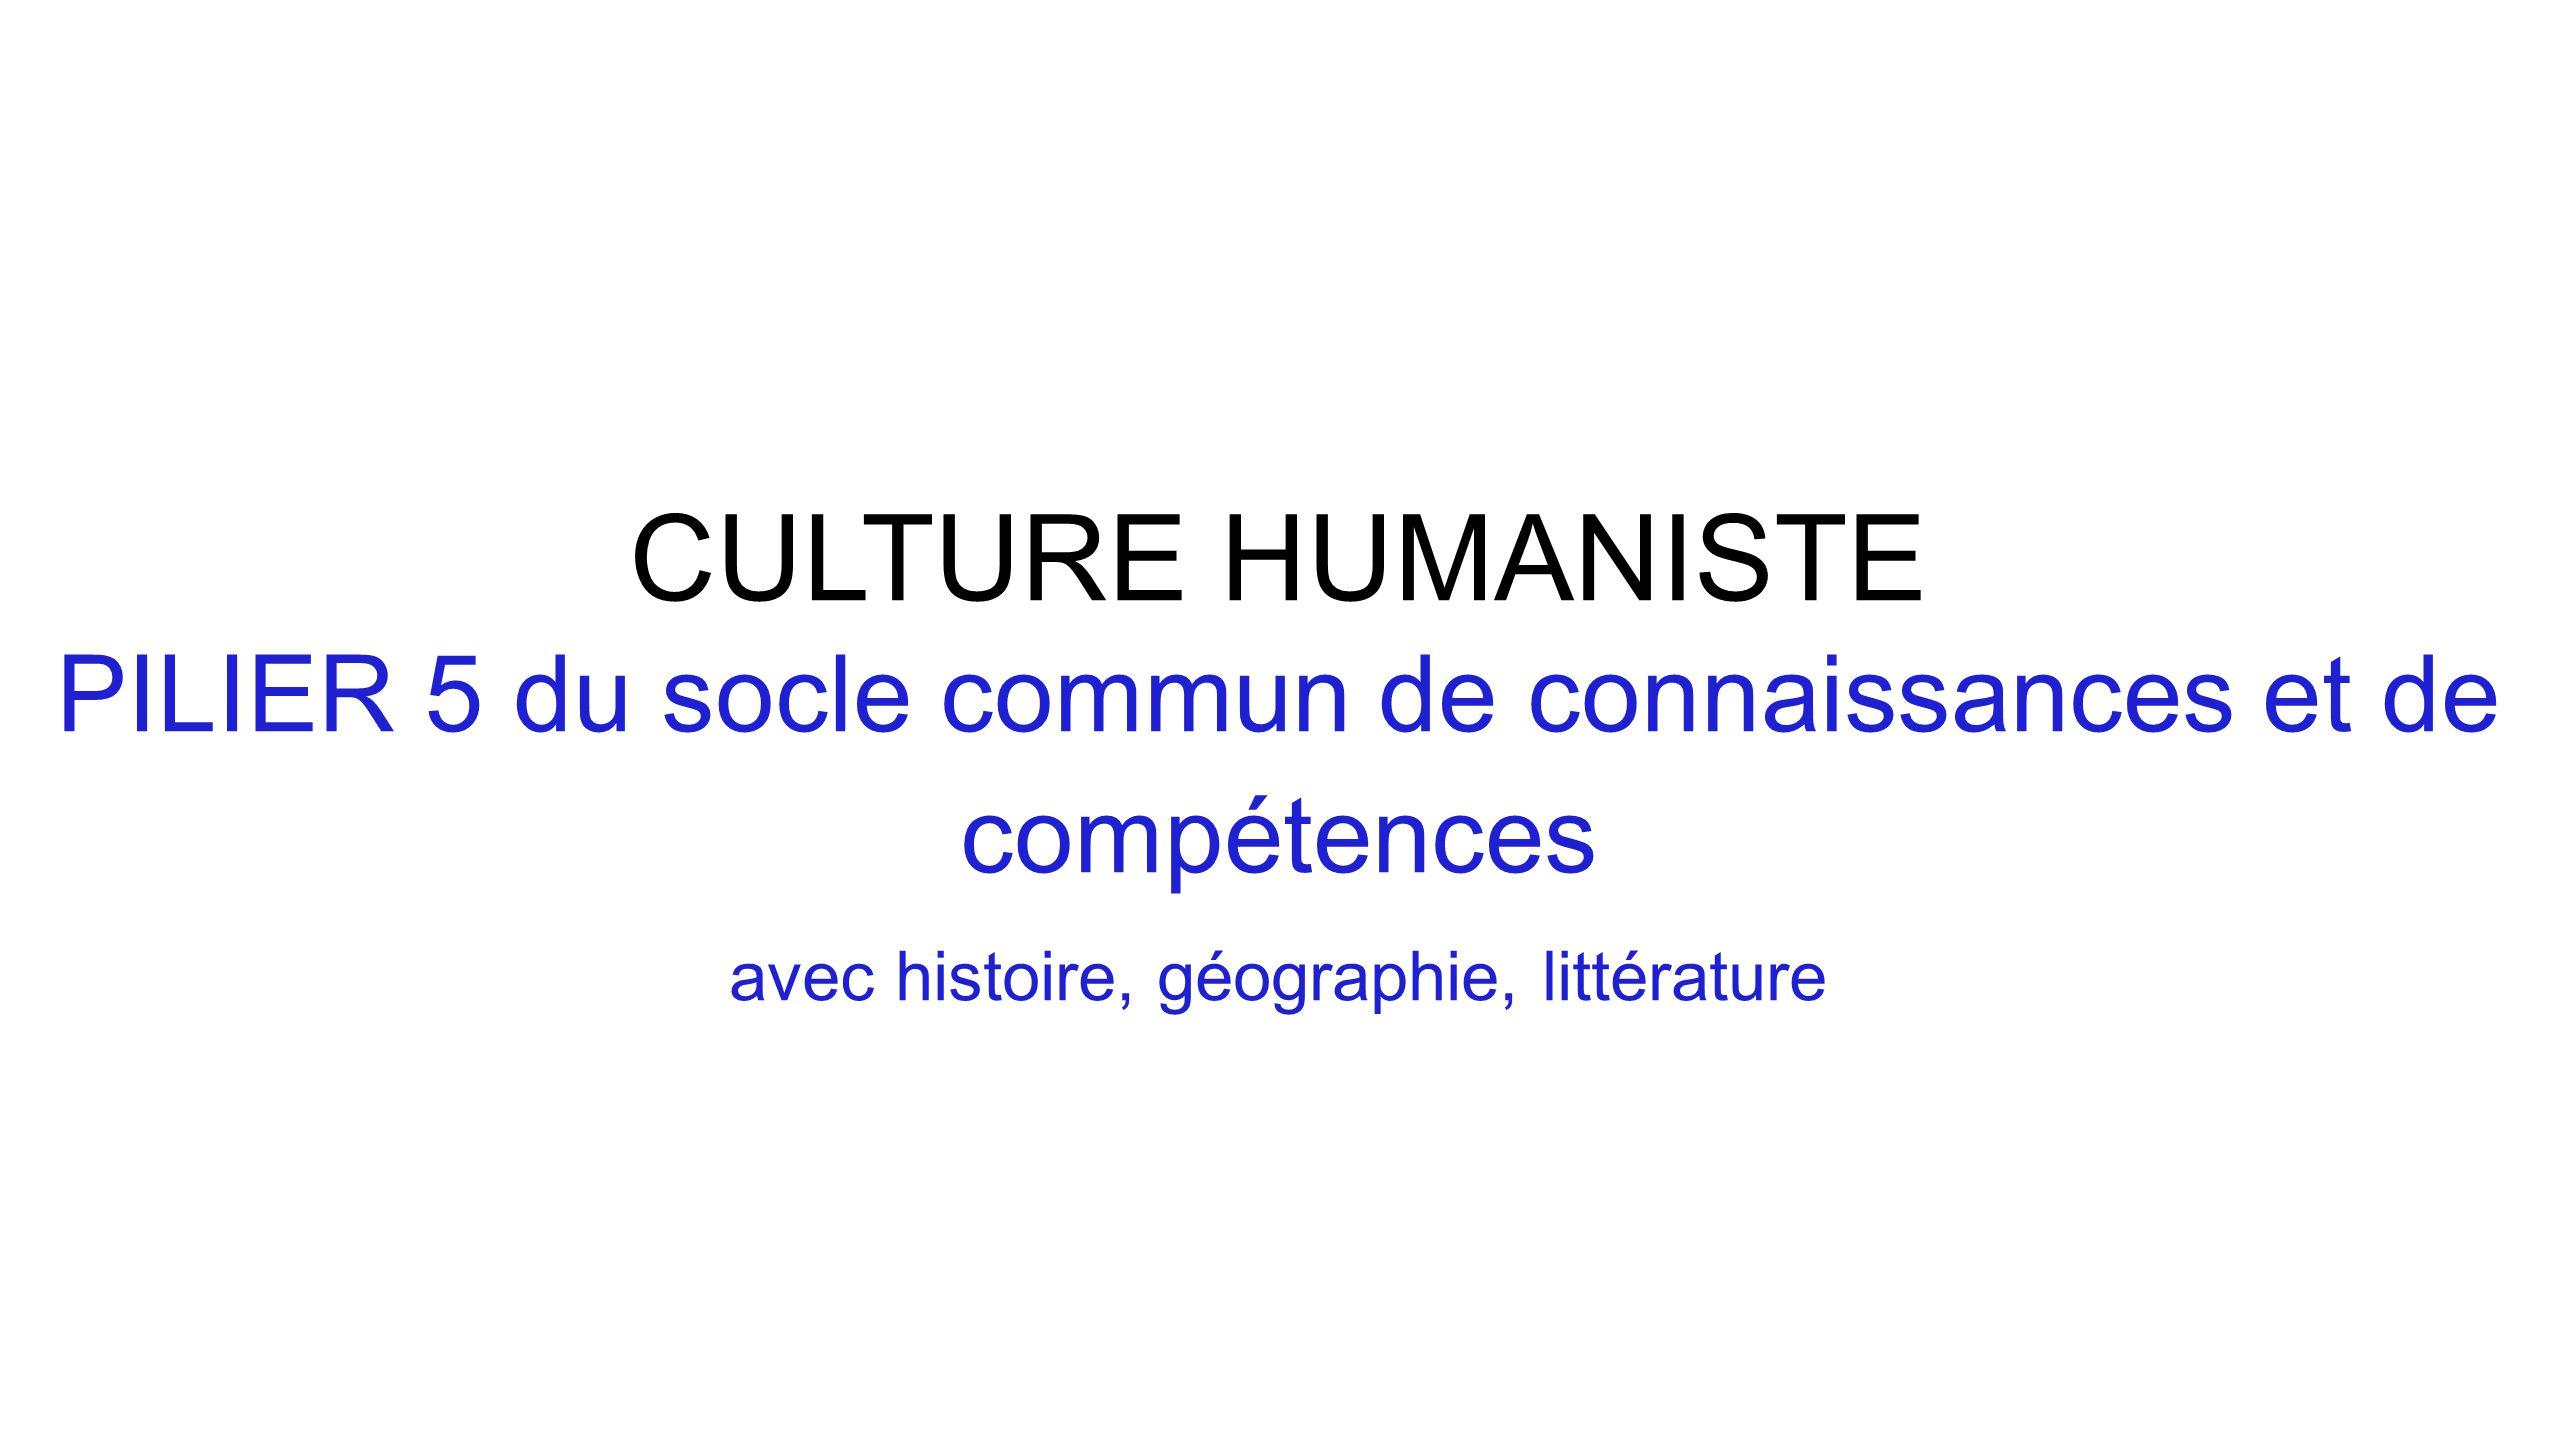 CULTURE HUMANISTE PILIER 5 du socle commun de connaissances et de compétences avec histoire, géographie, littérature